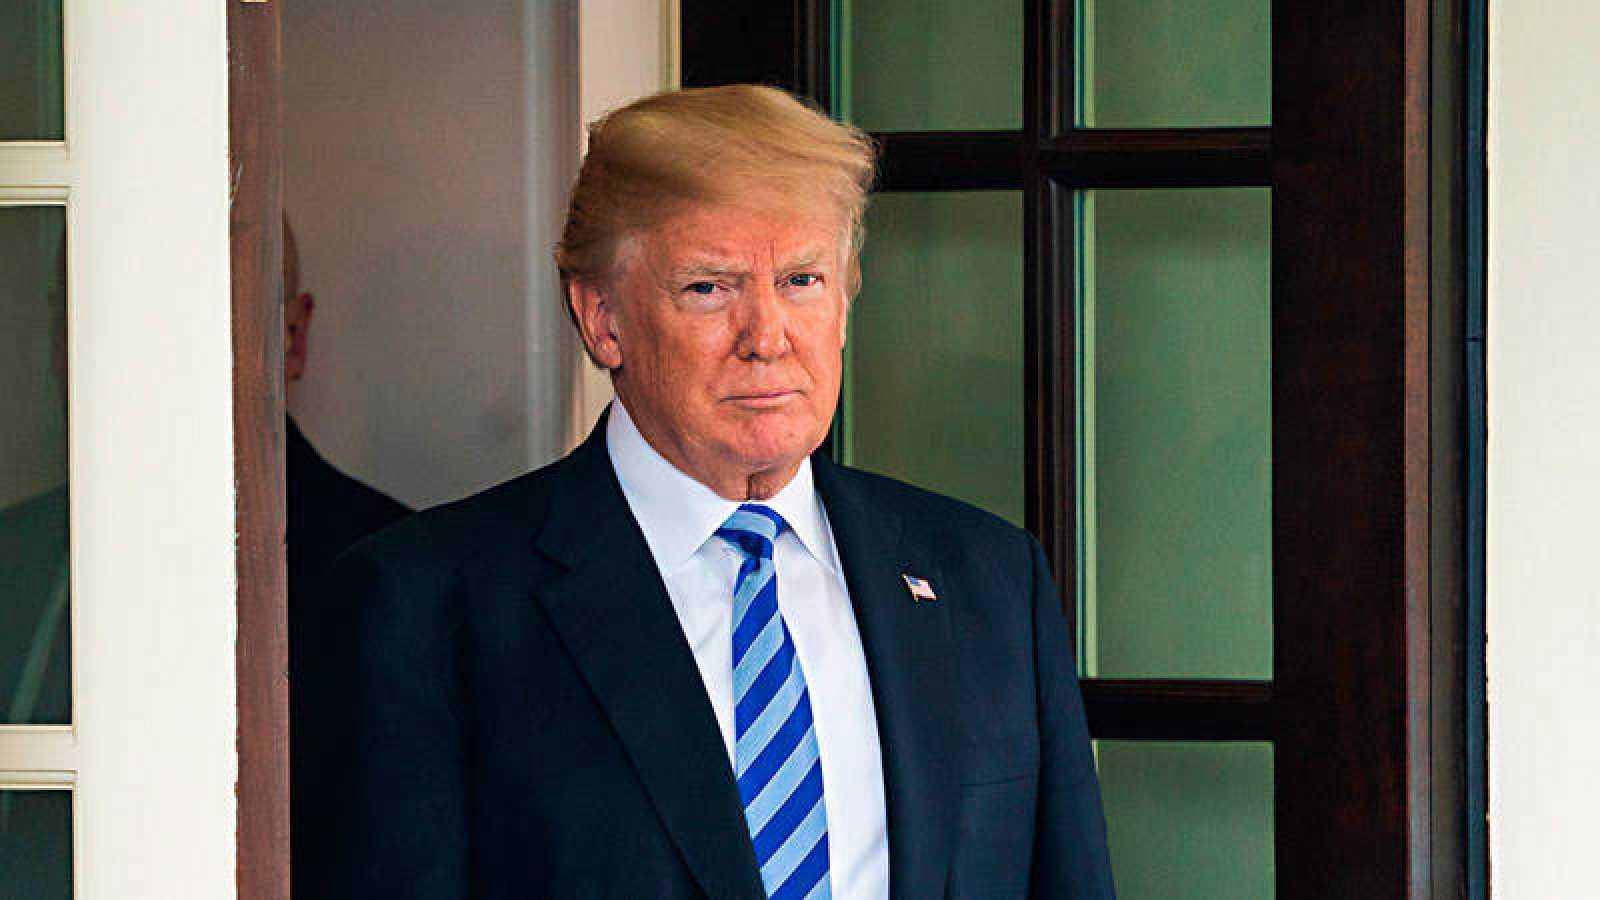 Trump reconoce oficialmente los pagos a Stormy Daniels